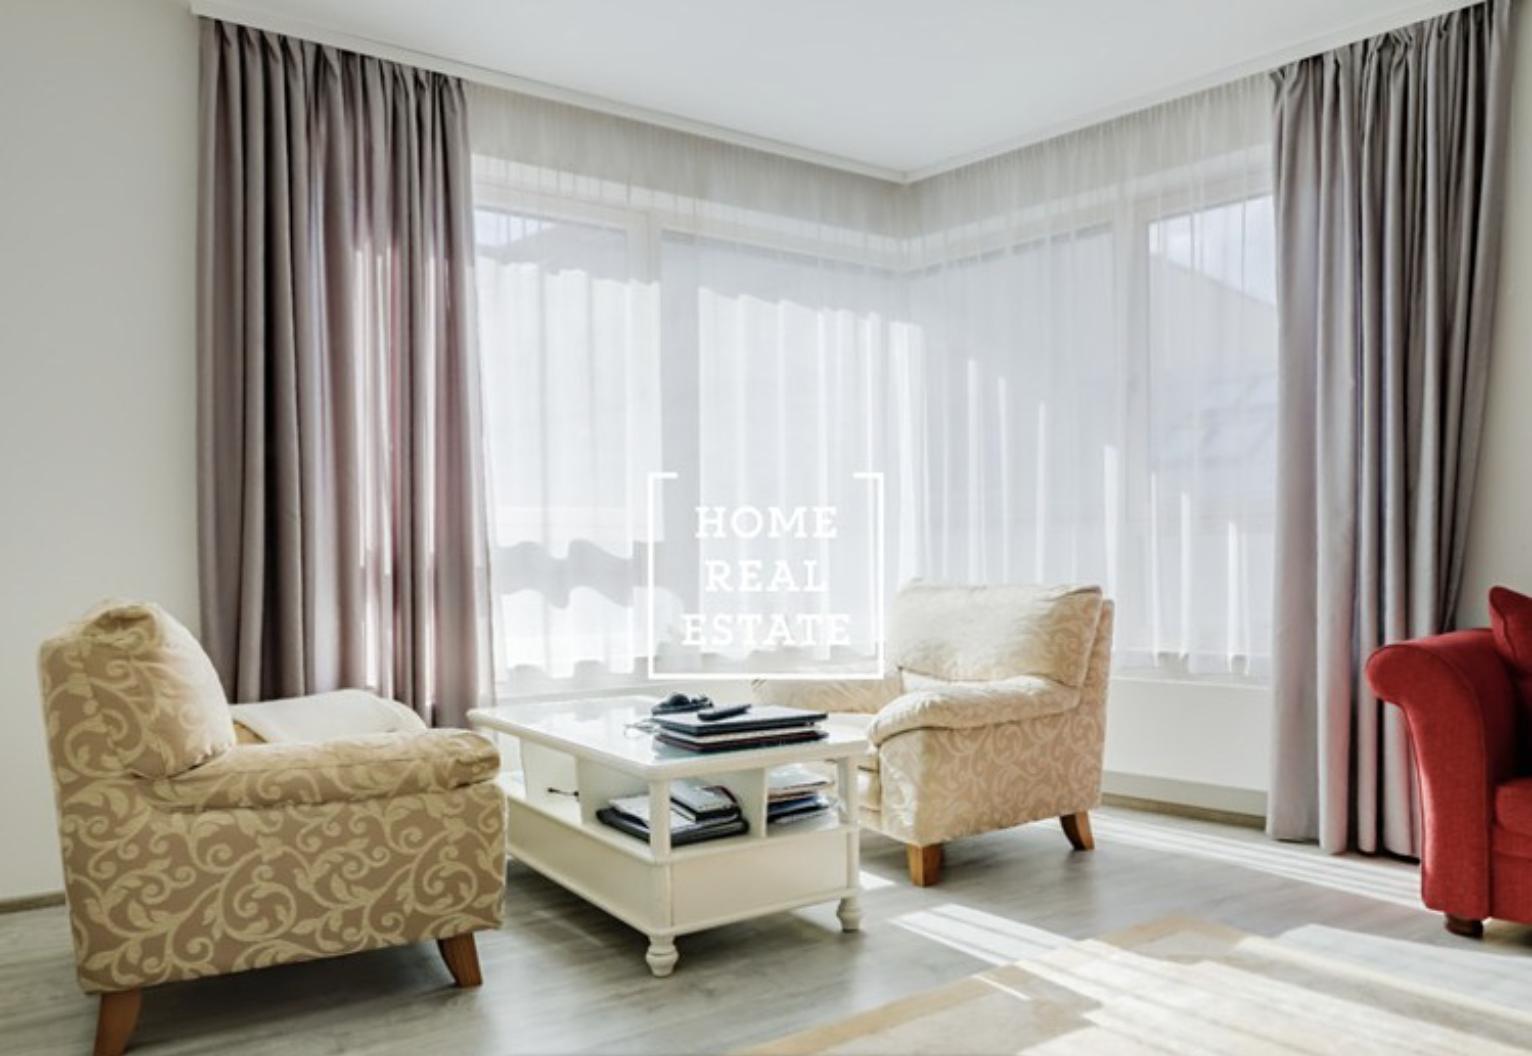 Стоимость аренды квартиры в чехии недвижимость в дубай